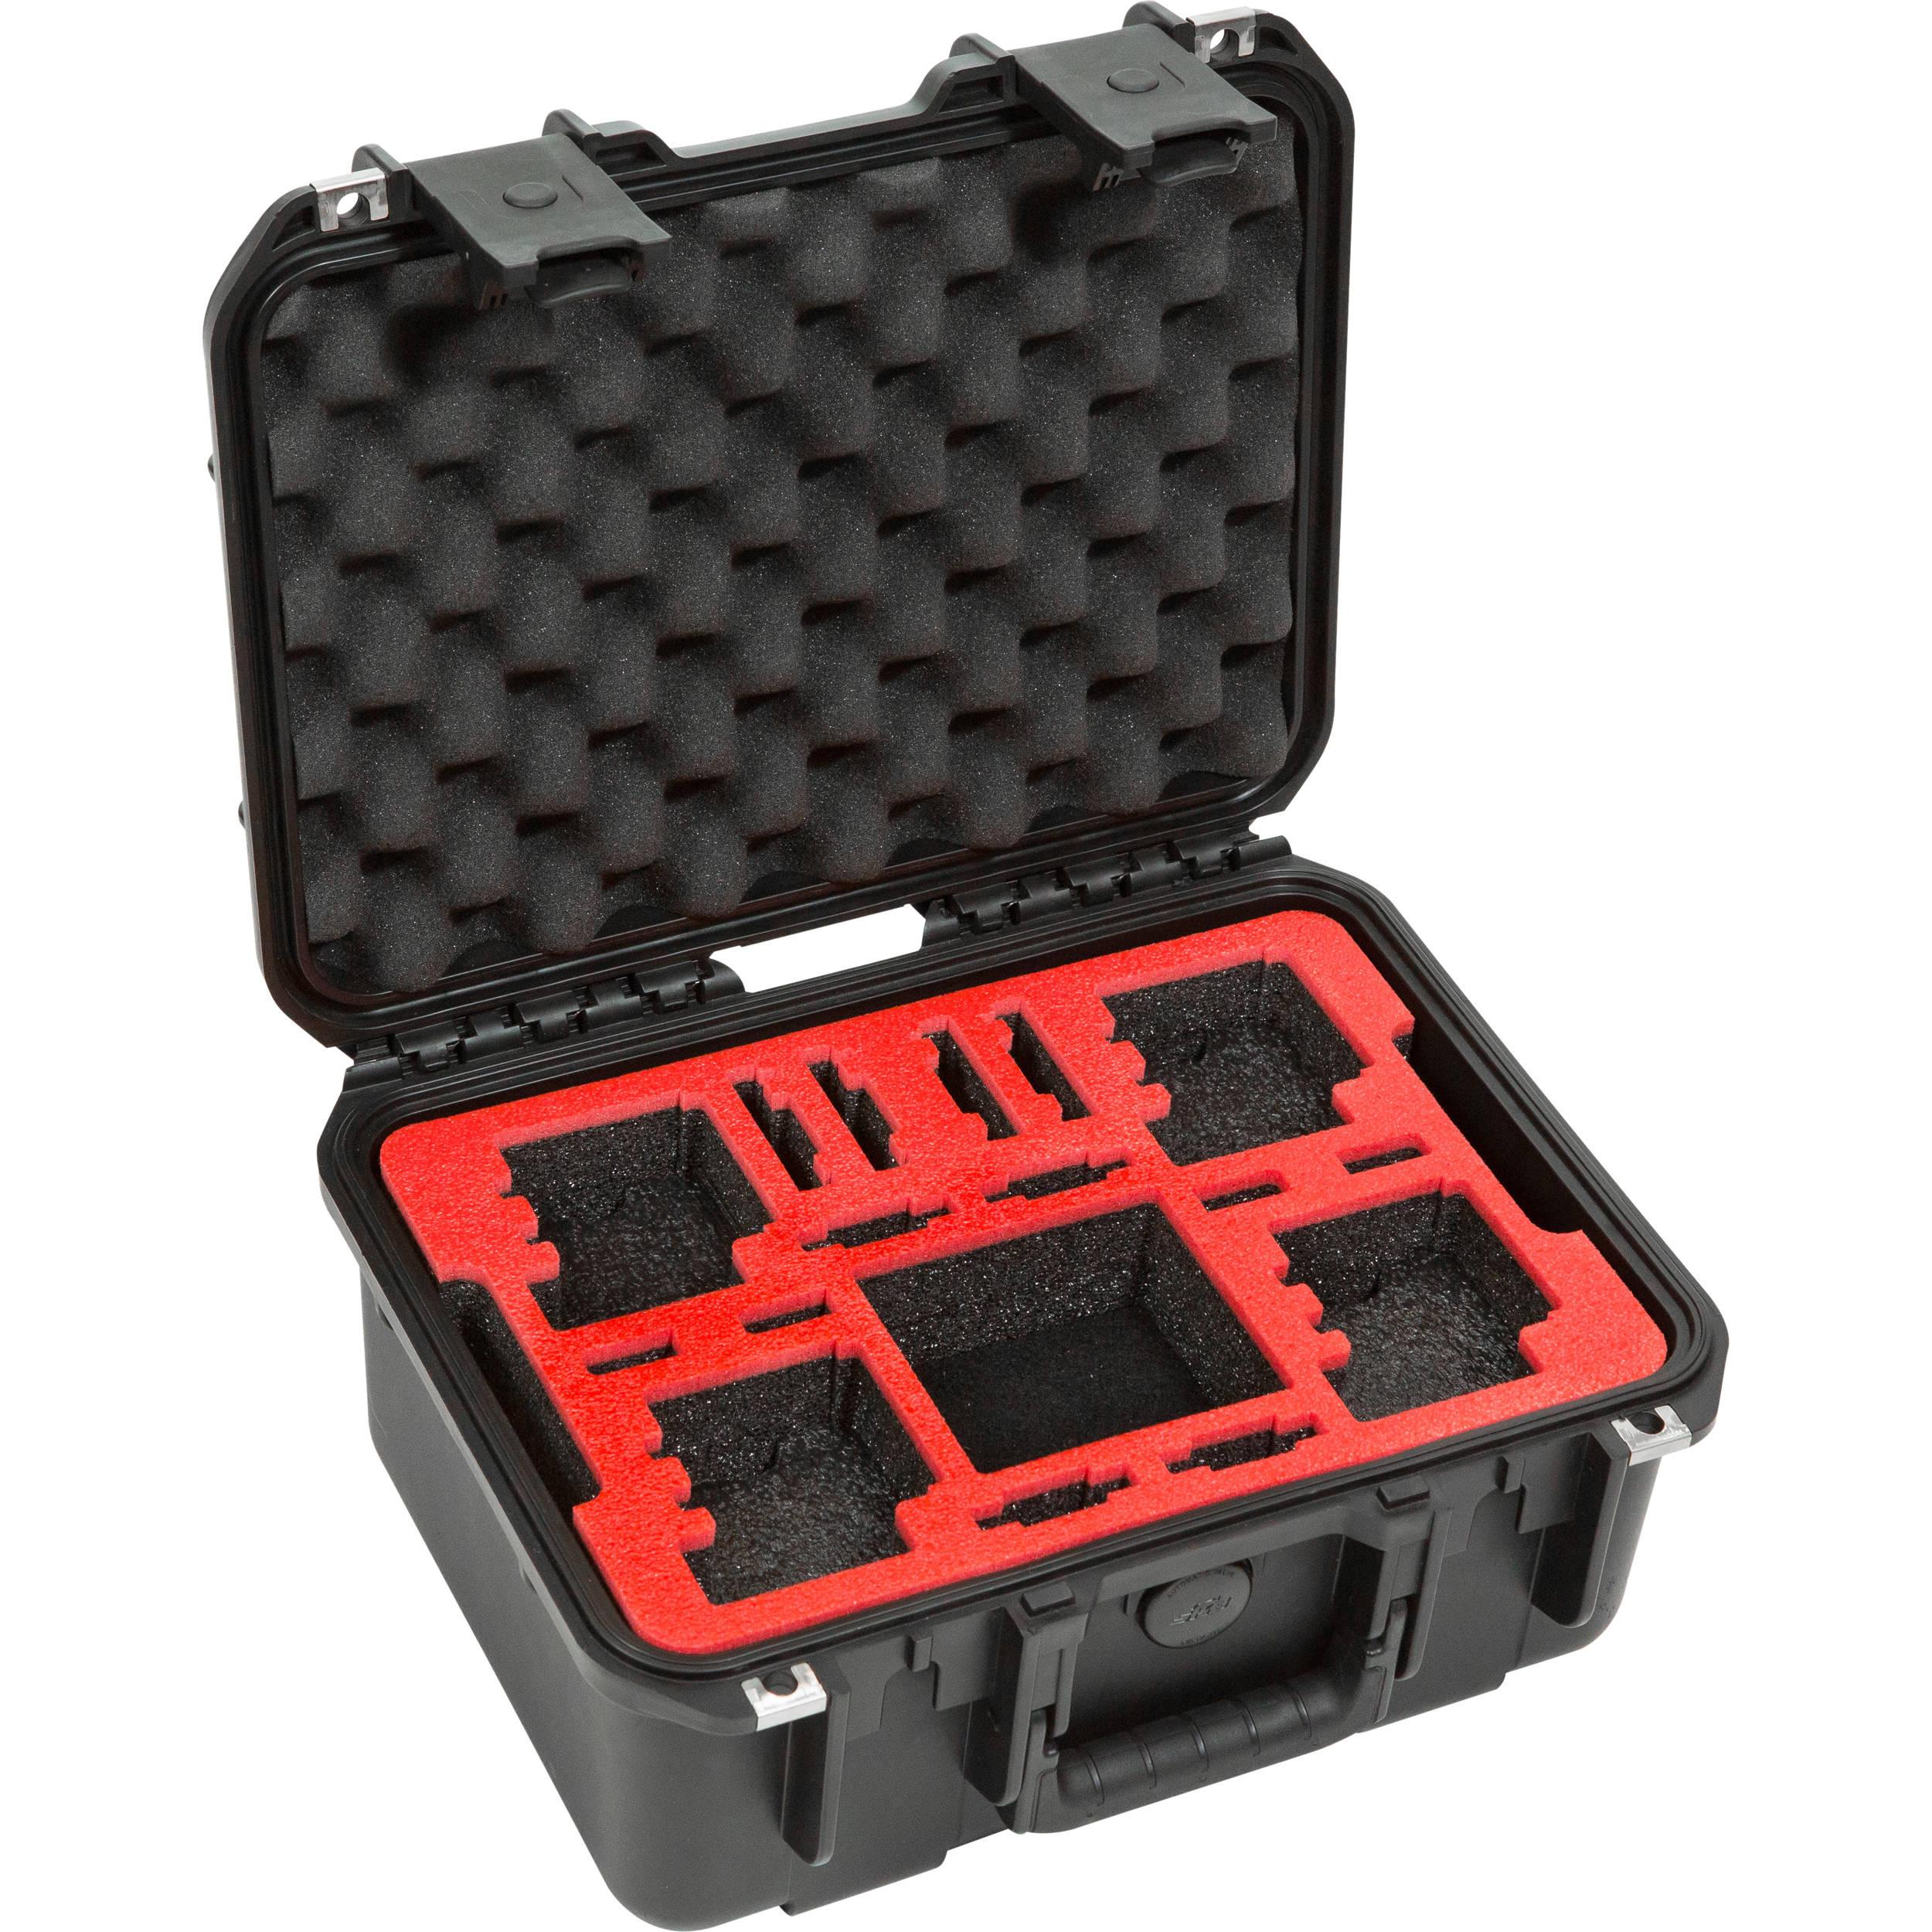 31-Piece Bovidix 2883203423 Drill Bit Set Pro